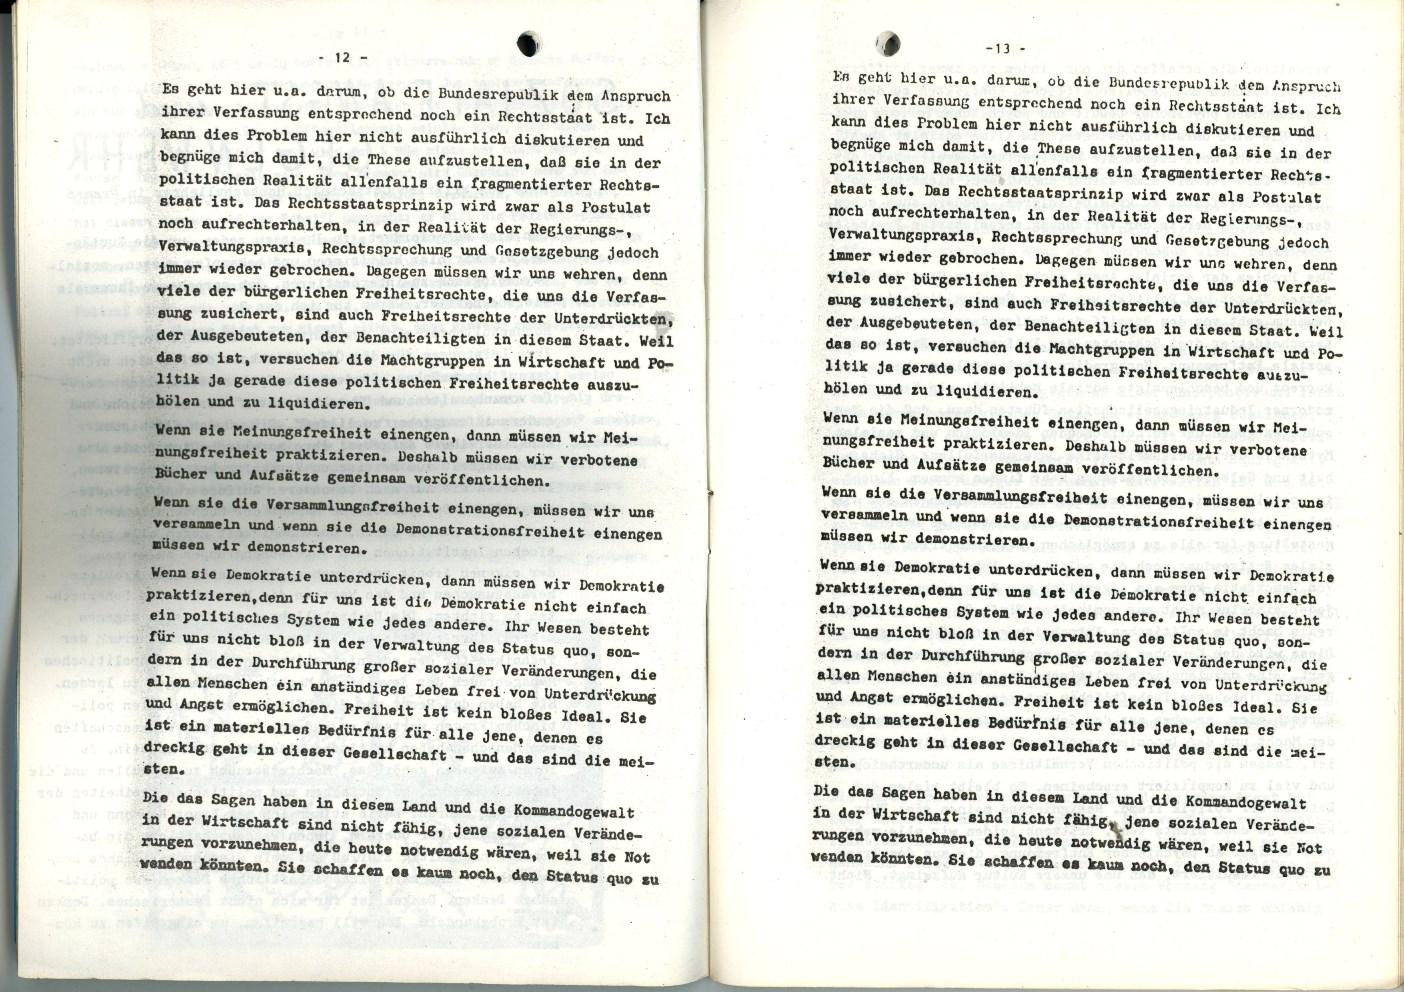 Hamburg_Vorbereitungsgruppe_Russell_Tribunal_Zensur_1978_07